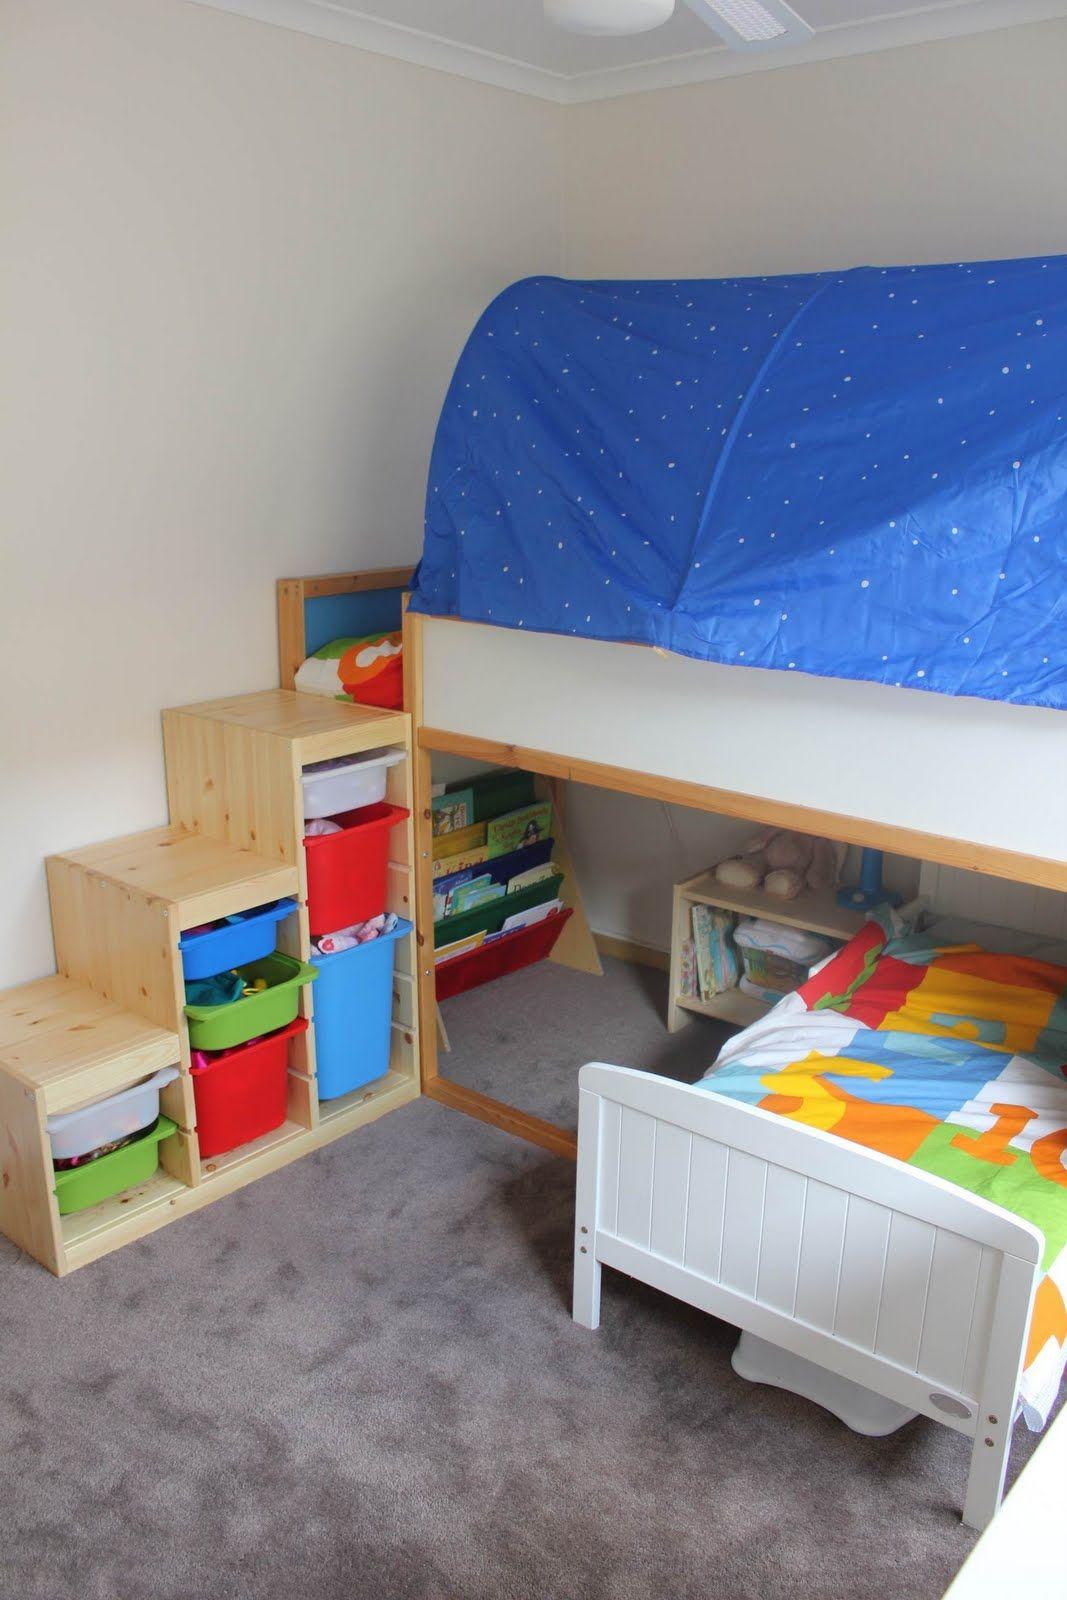 La Cama Kura De Ikea Es Muy Versatil Y Puede Colocarse En Distintas Posiciones Os Mostramos Muchas Ideas Para Disfrutarla El Cuarto Los Ninos